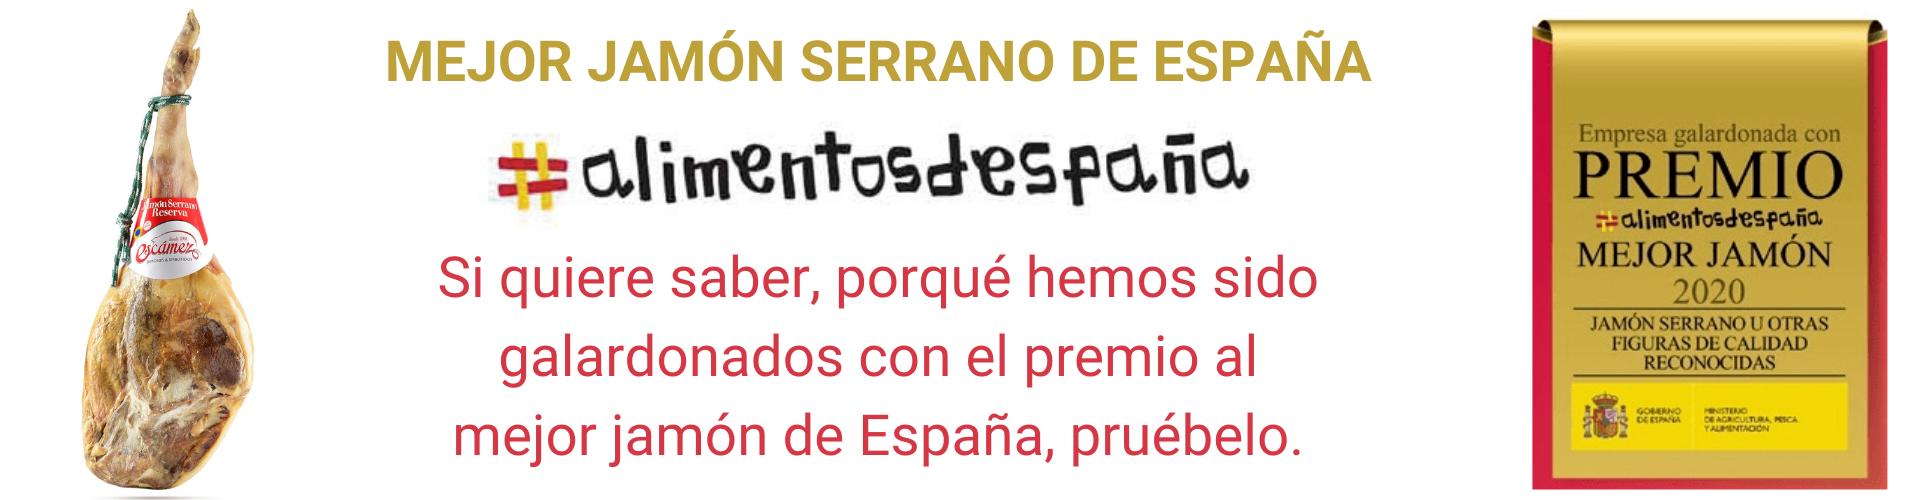 Mejor Jamón Serrano de España